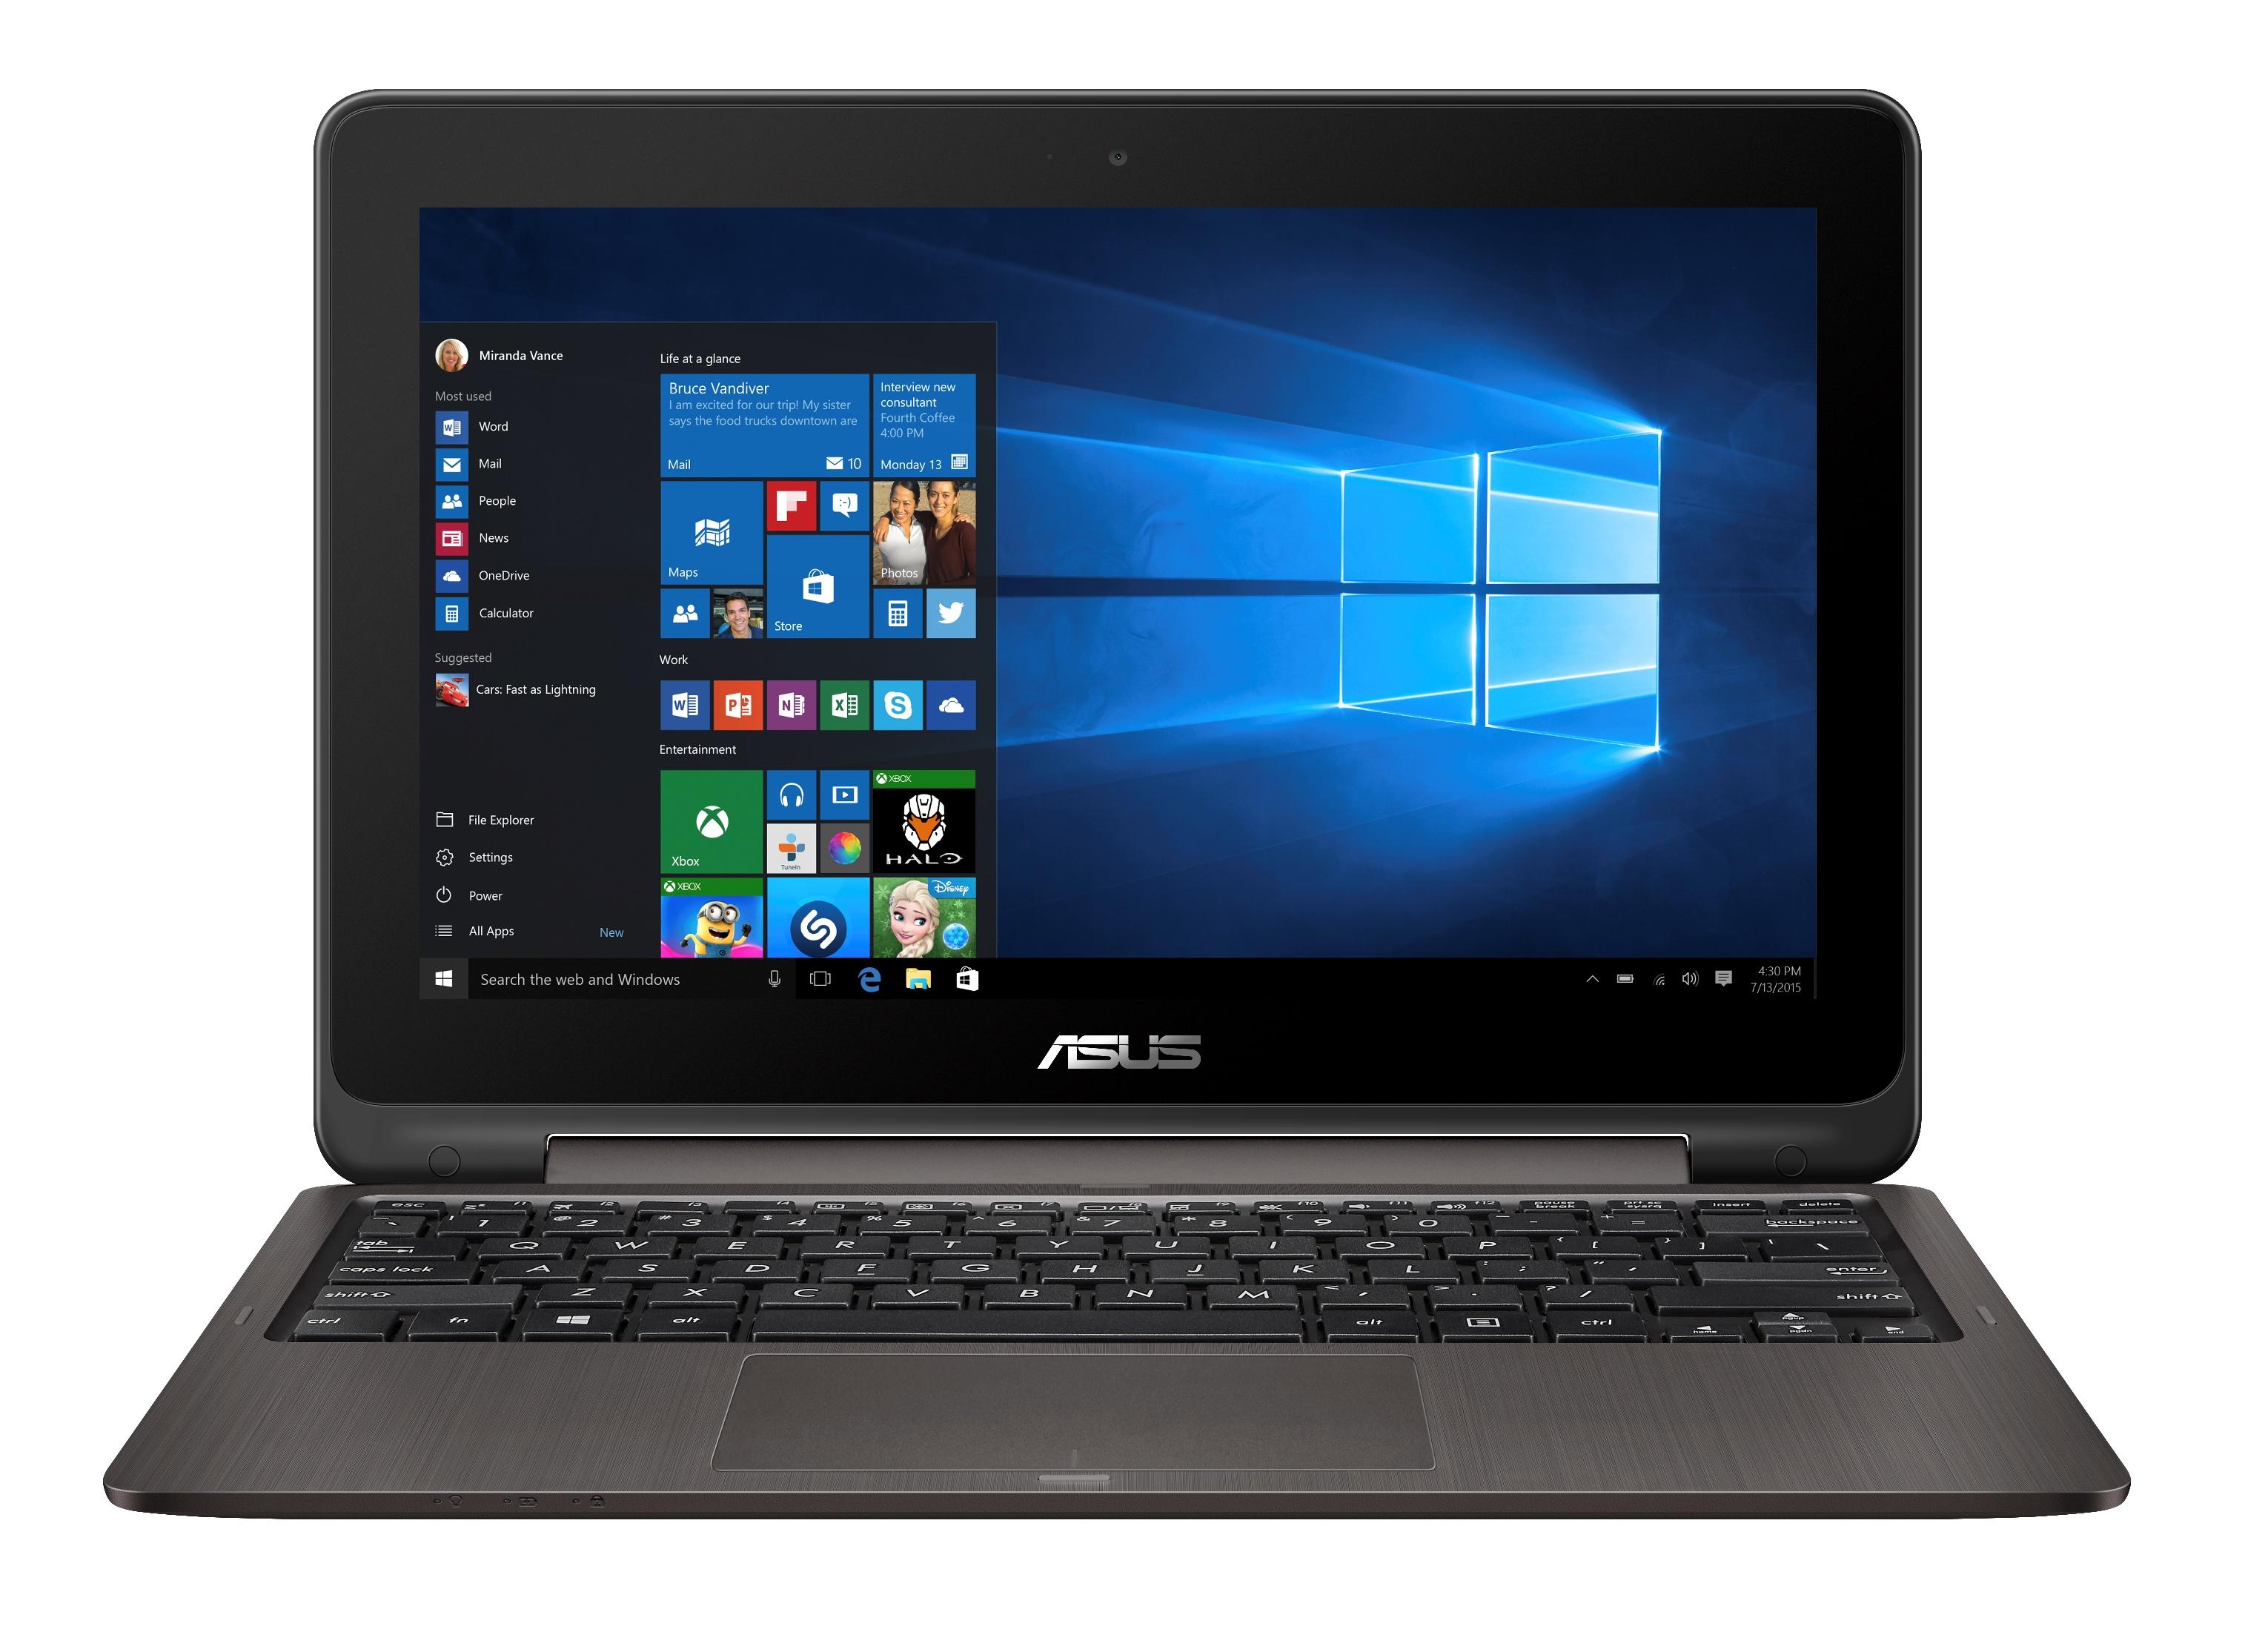 ASUS TP201SA 11,6T/N3710/500GB/4G/Win10